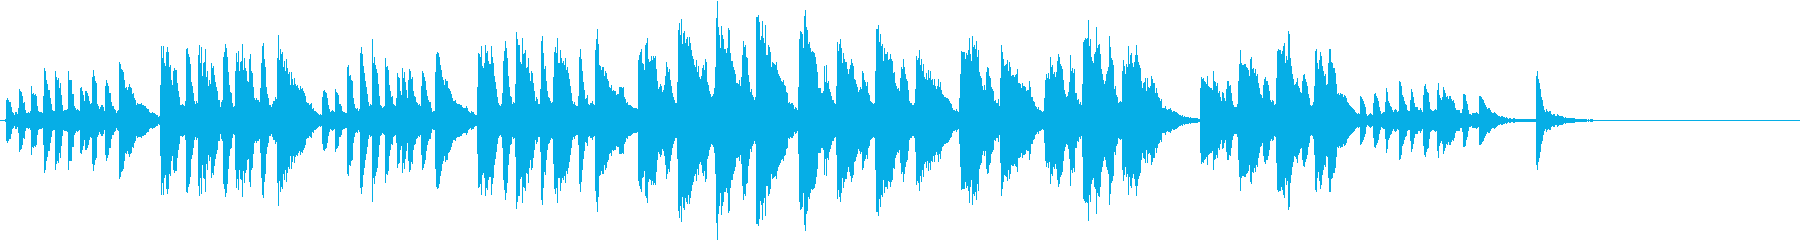 不思議な雰囲気のピアノ曲 束の間の幻影 の再生済みの波形